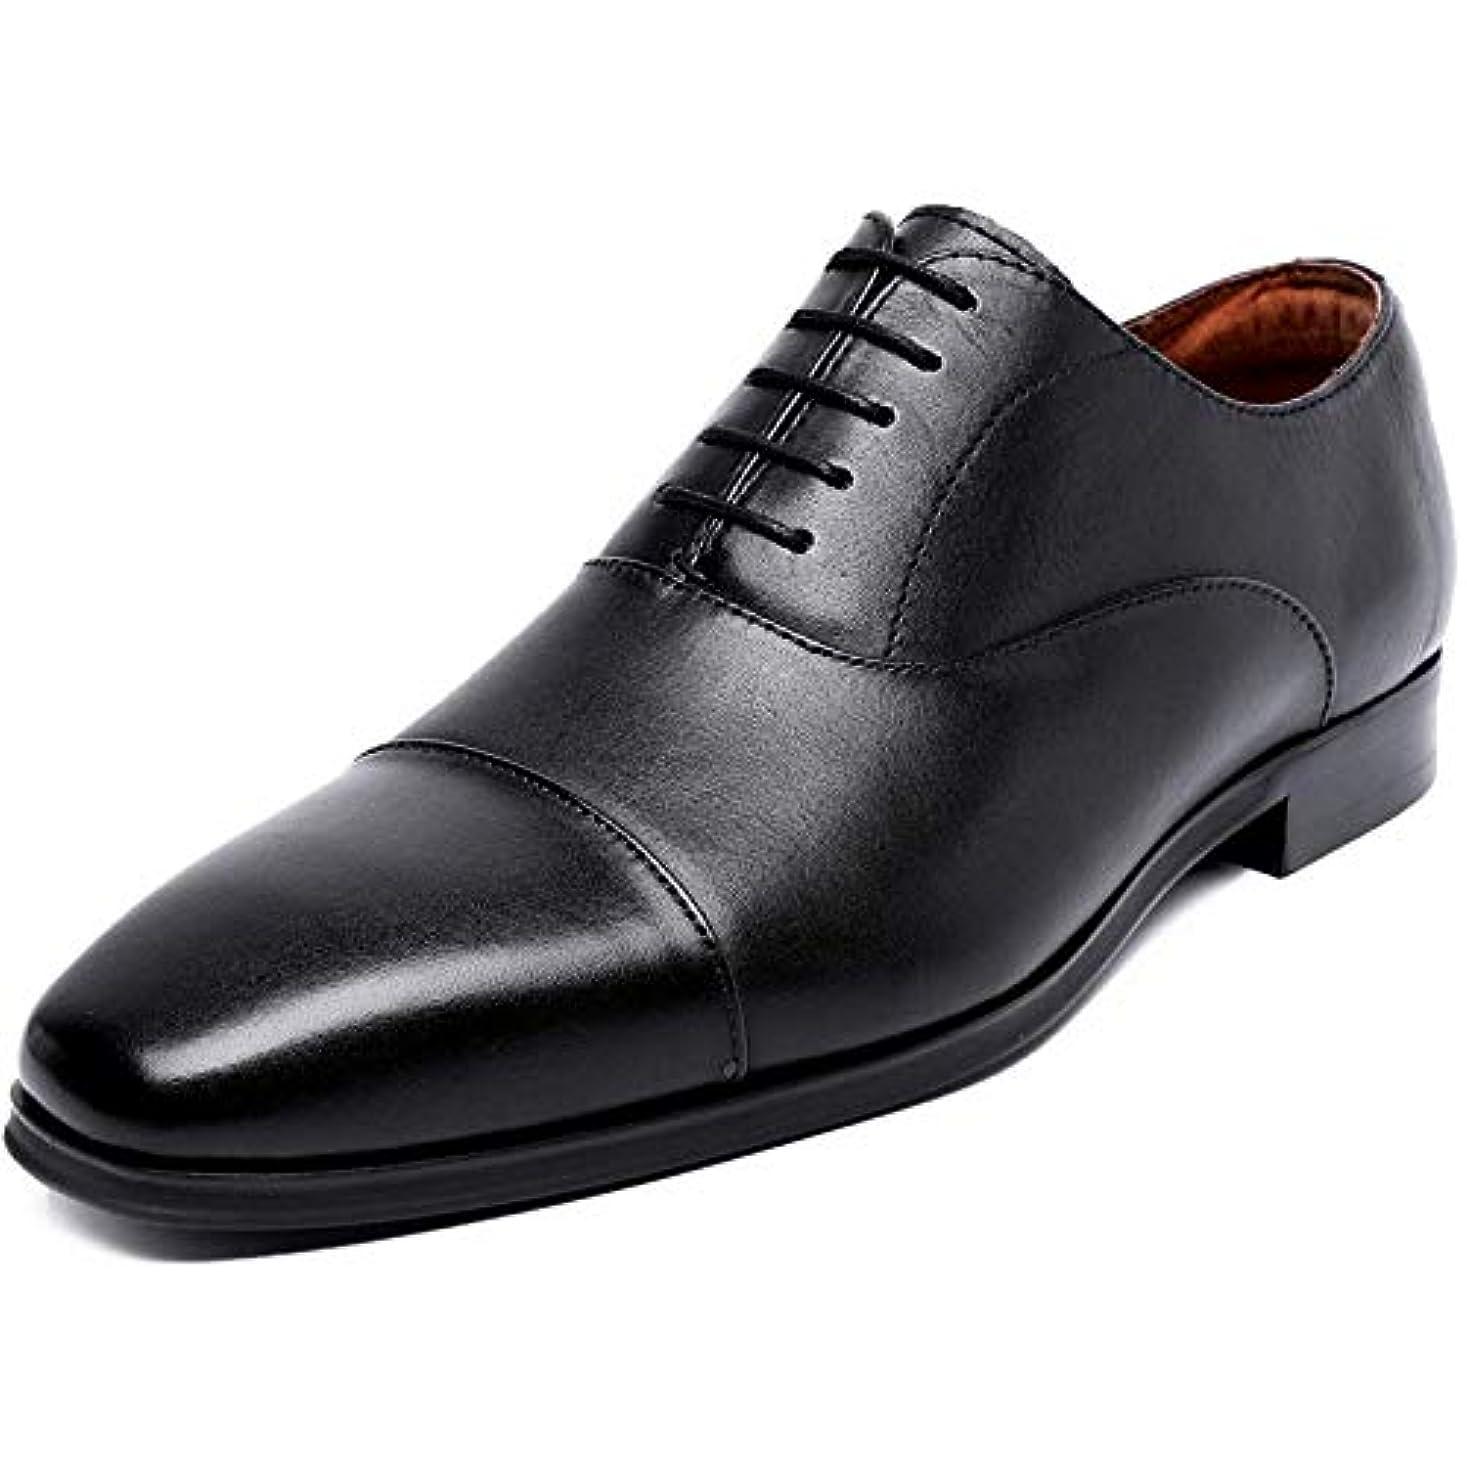 手つかずの数値ショット[ロムリゲン] Romlegen ビジネスシューズ メンズ 紳士靴 革靴 本革 高級靴 ストレートチップ 履きやすい